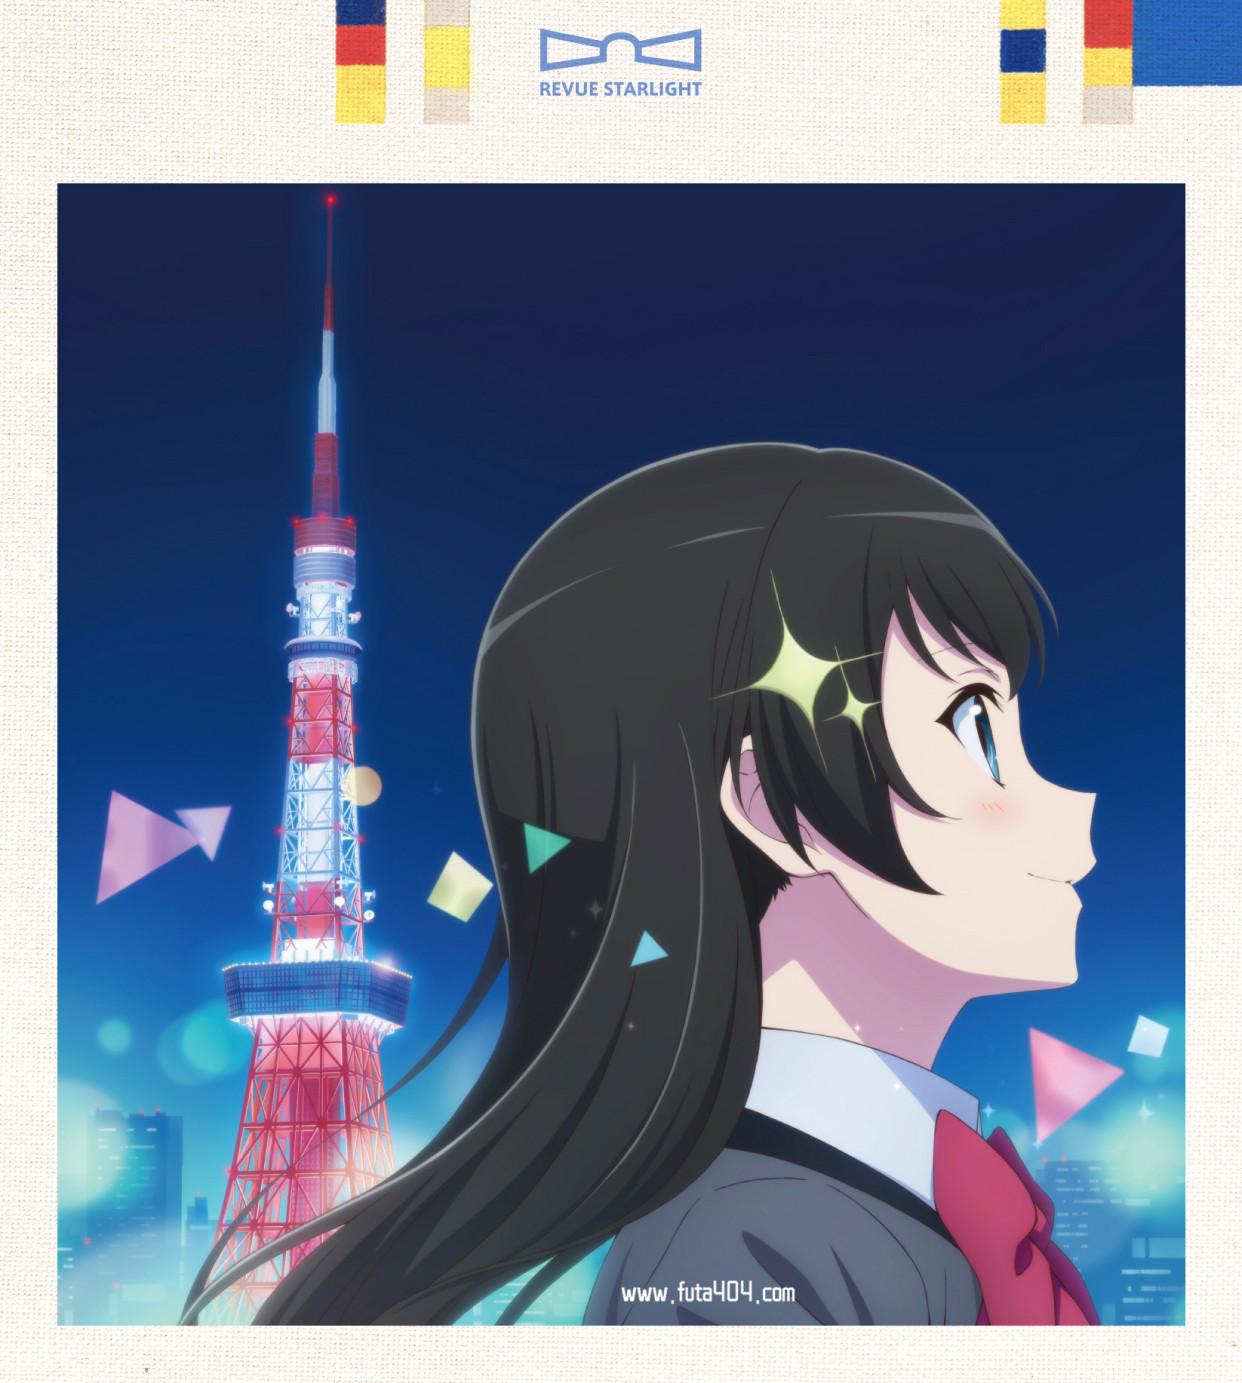 少女歌剧7th专辑「Star Parade」下载 スタァライト九九組 动漫音乐 第1张